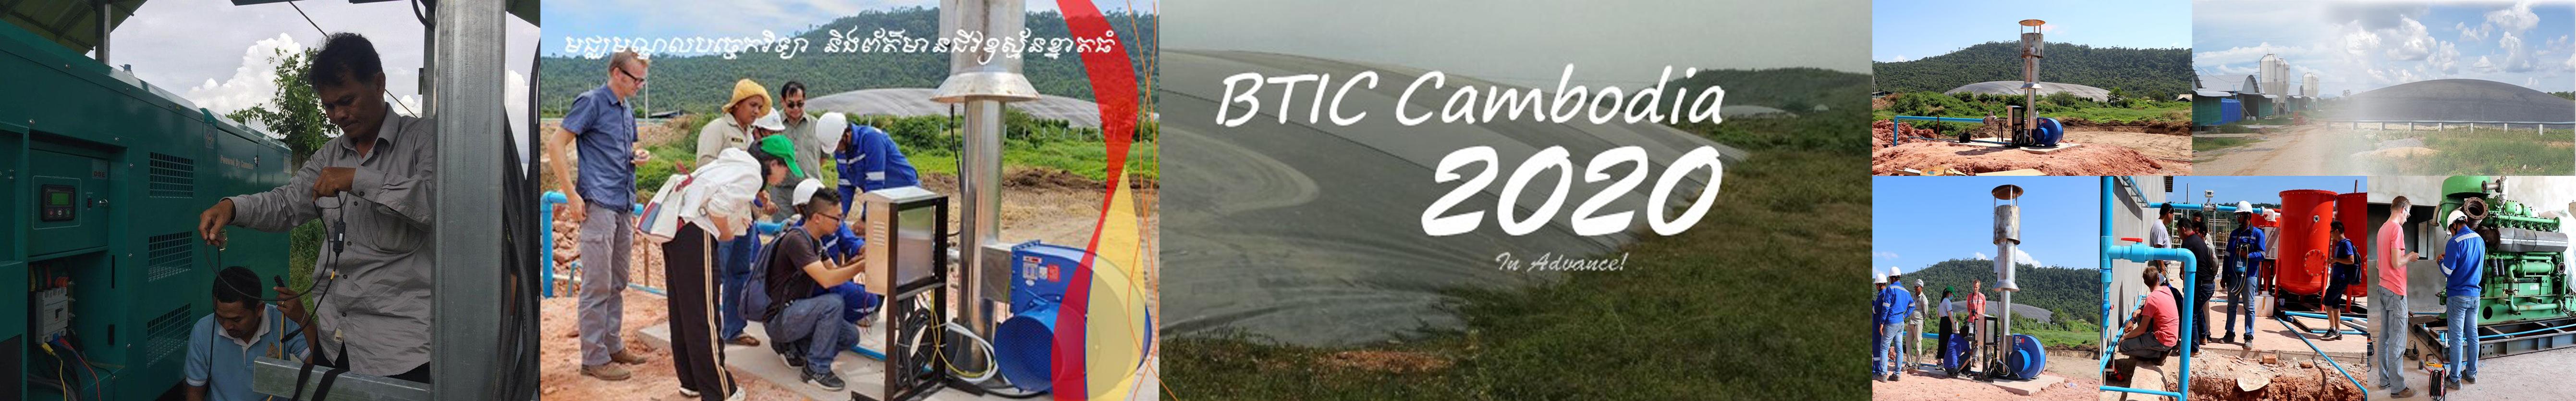 Activities of BTIC